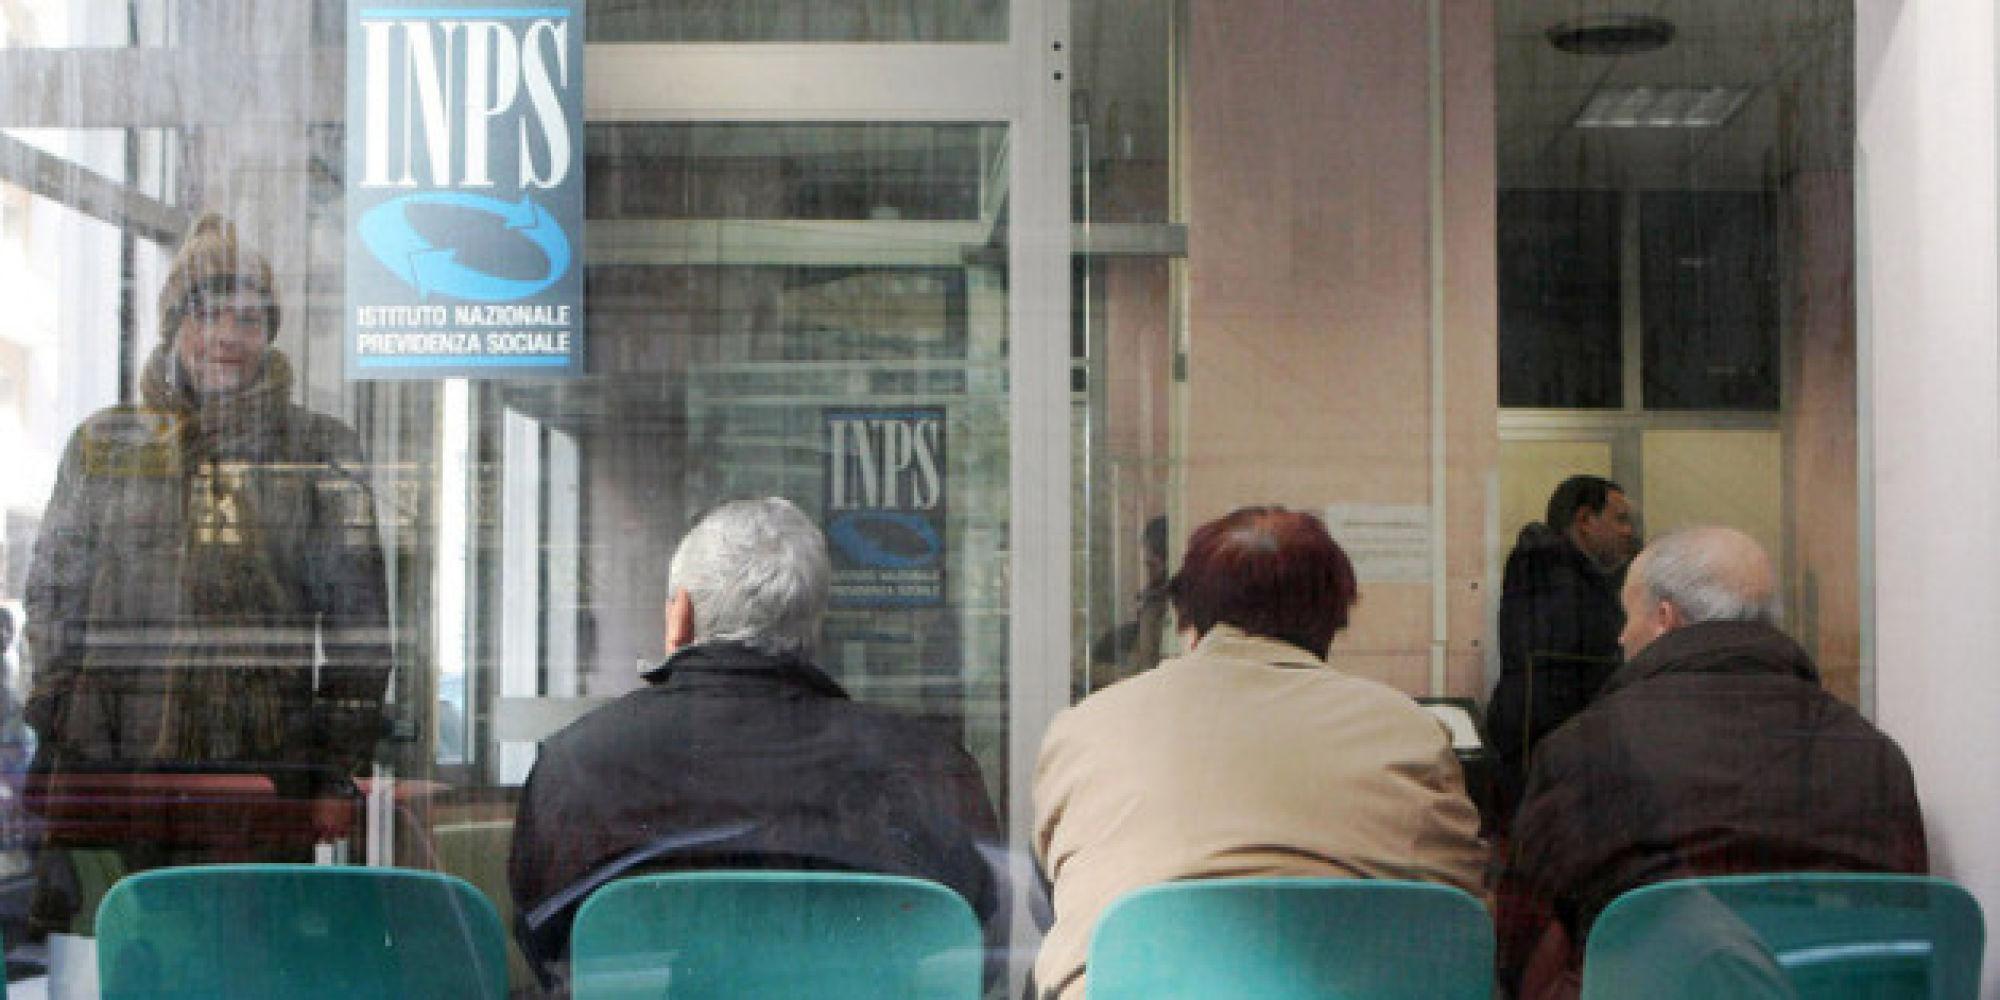 Calcolo retroattivo pensione, Corte di Giustizia europea condanna Italia